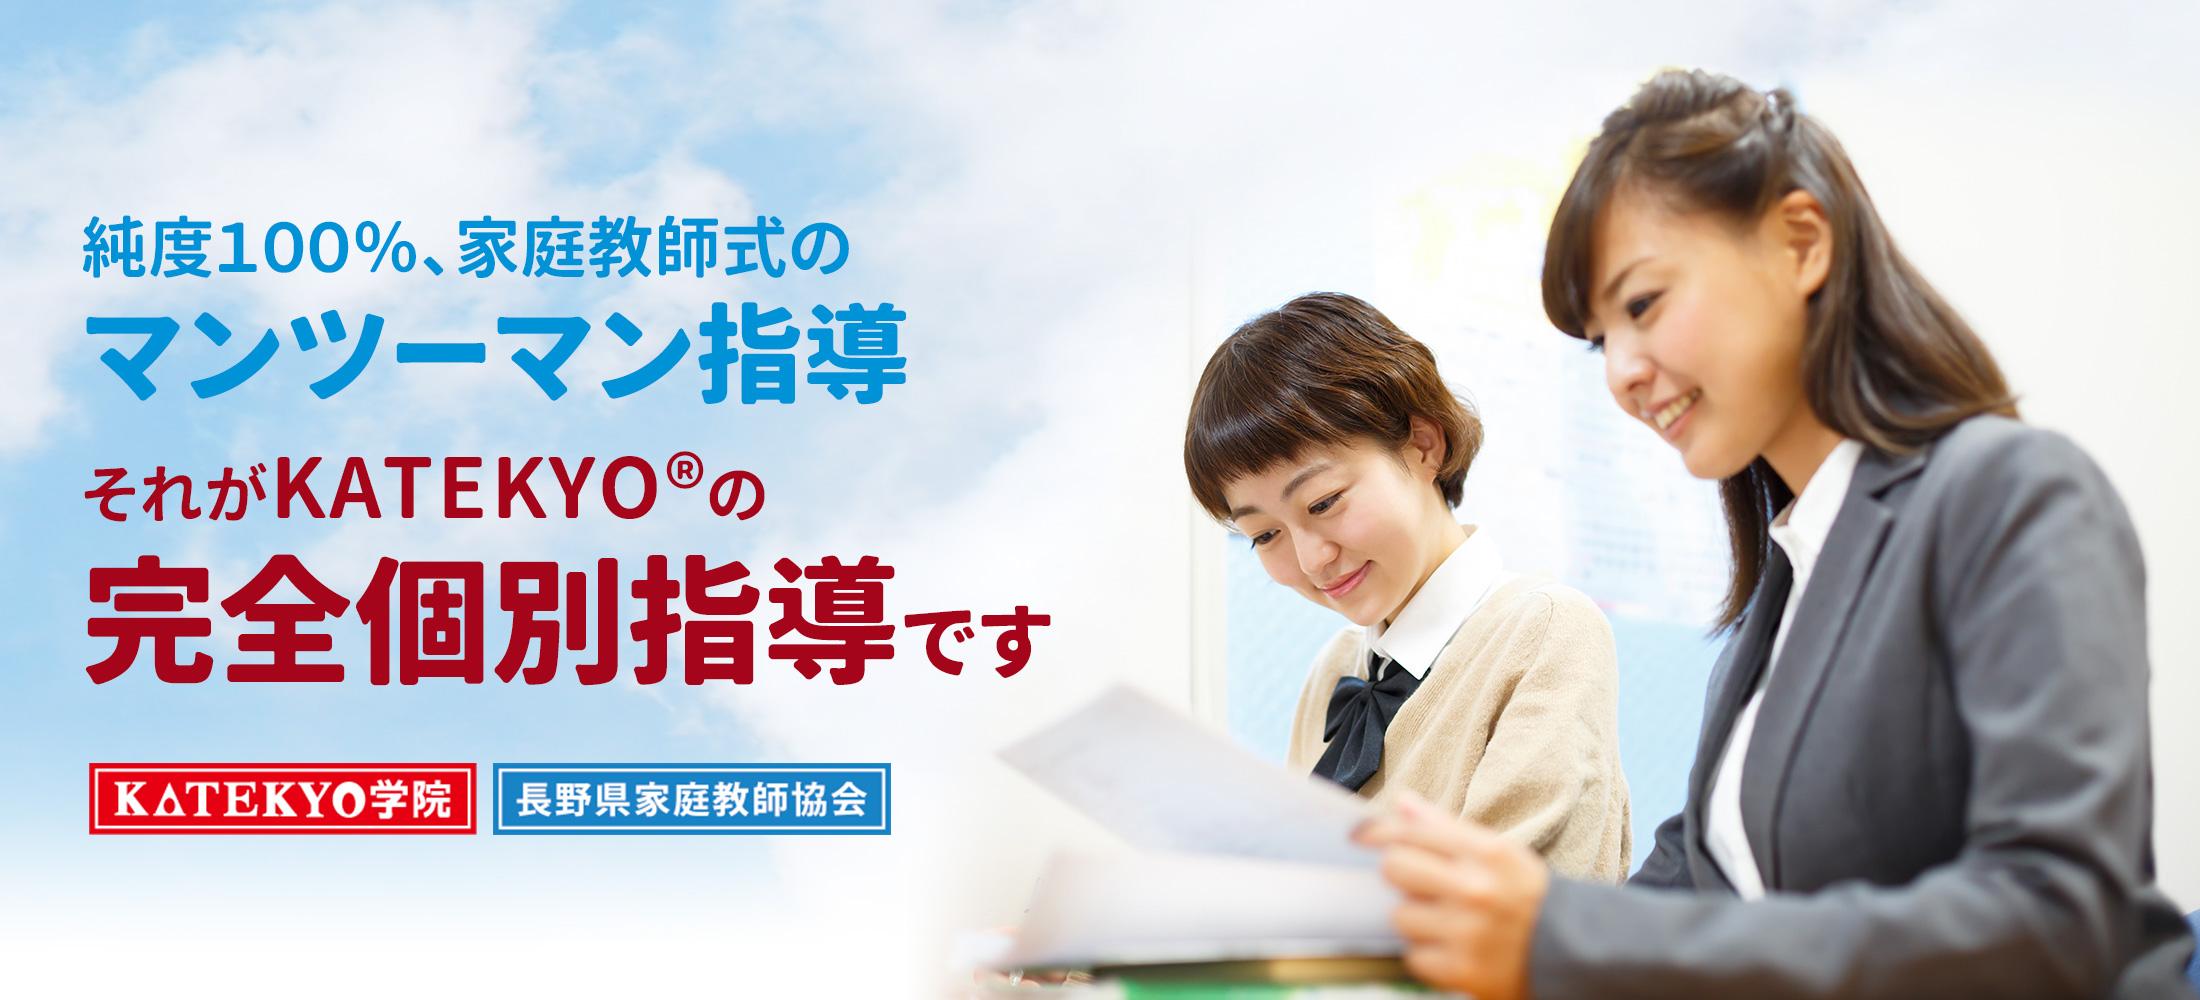 【公式】マンツーマン指導のKATEKYO学院・長野県家庭教師協会